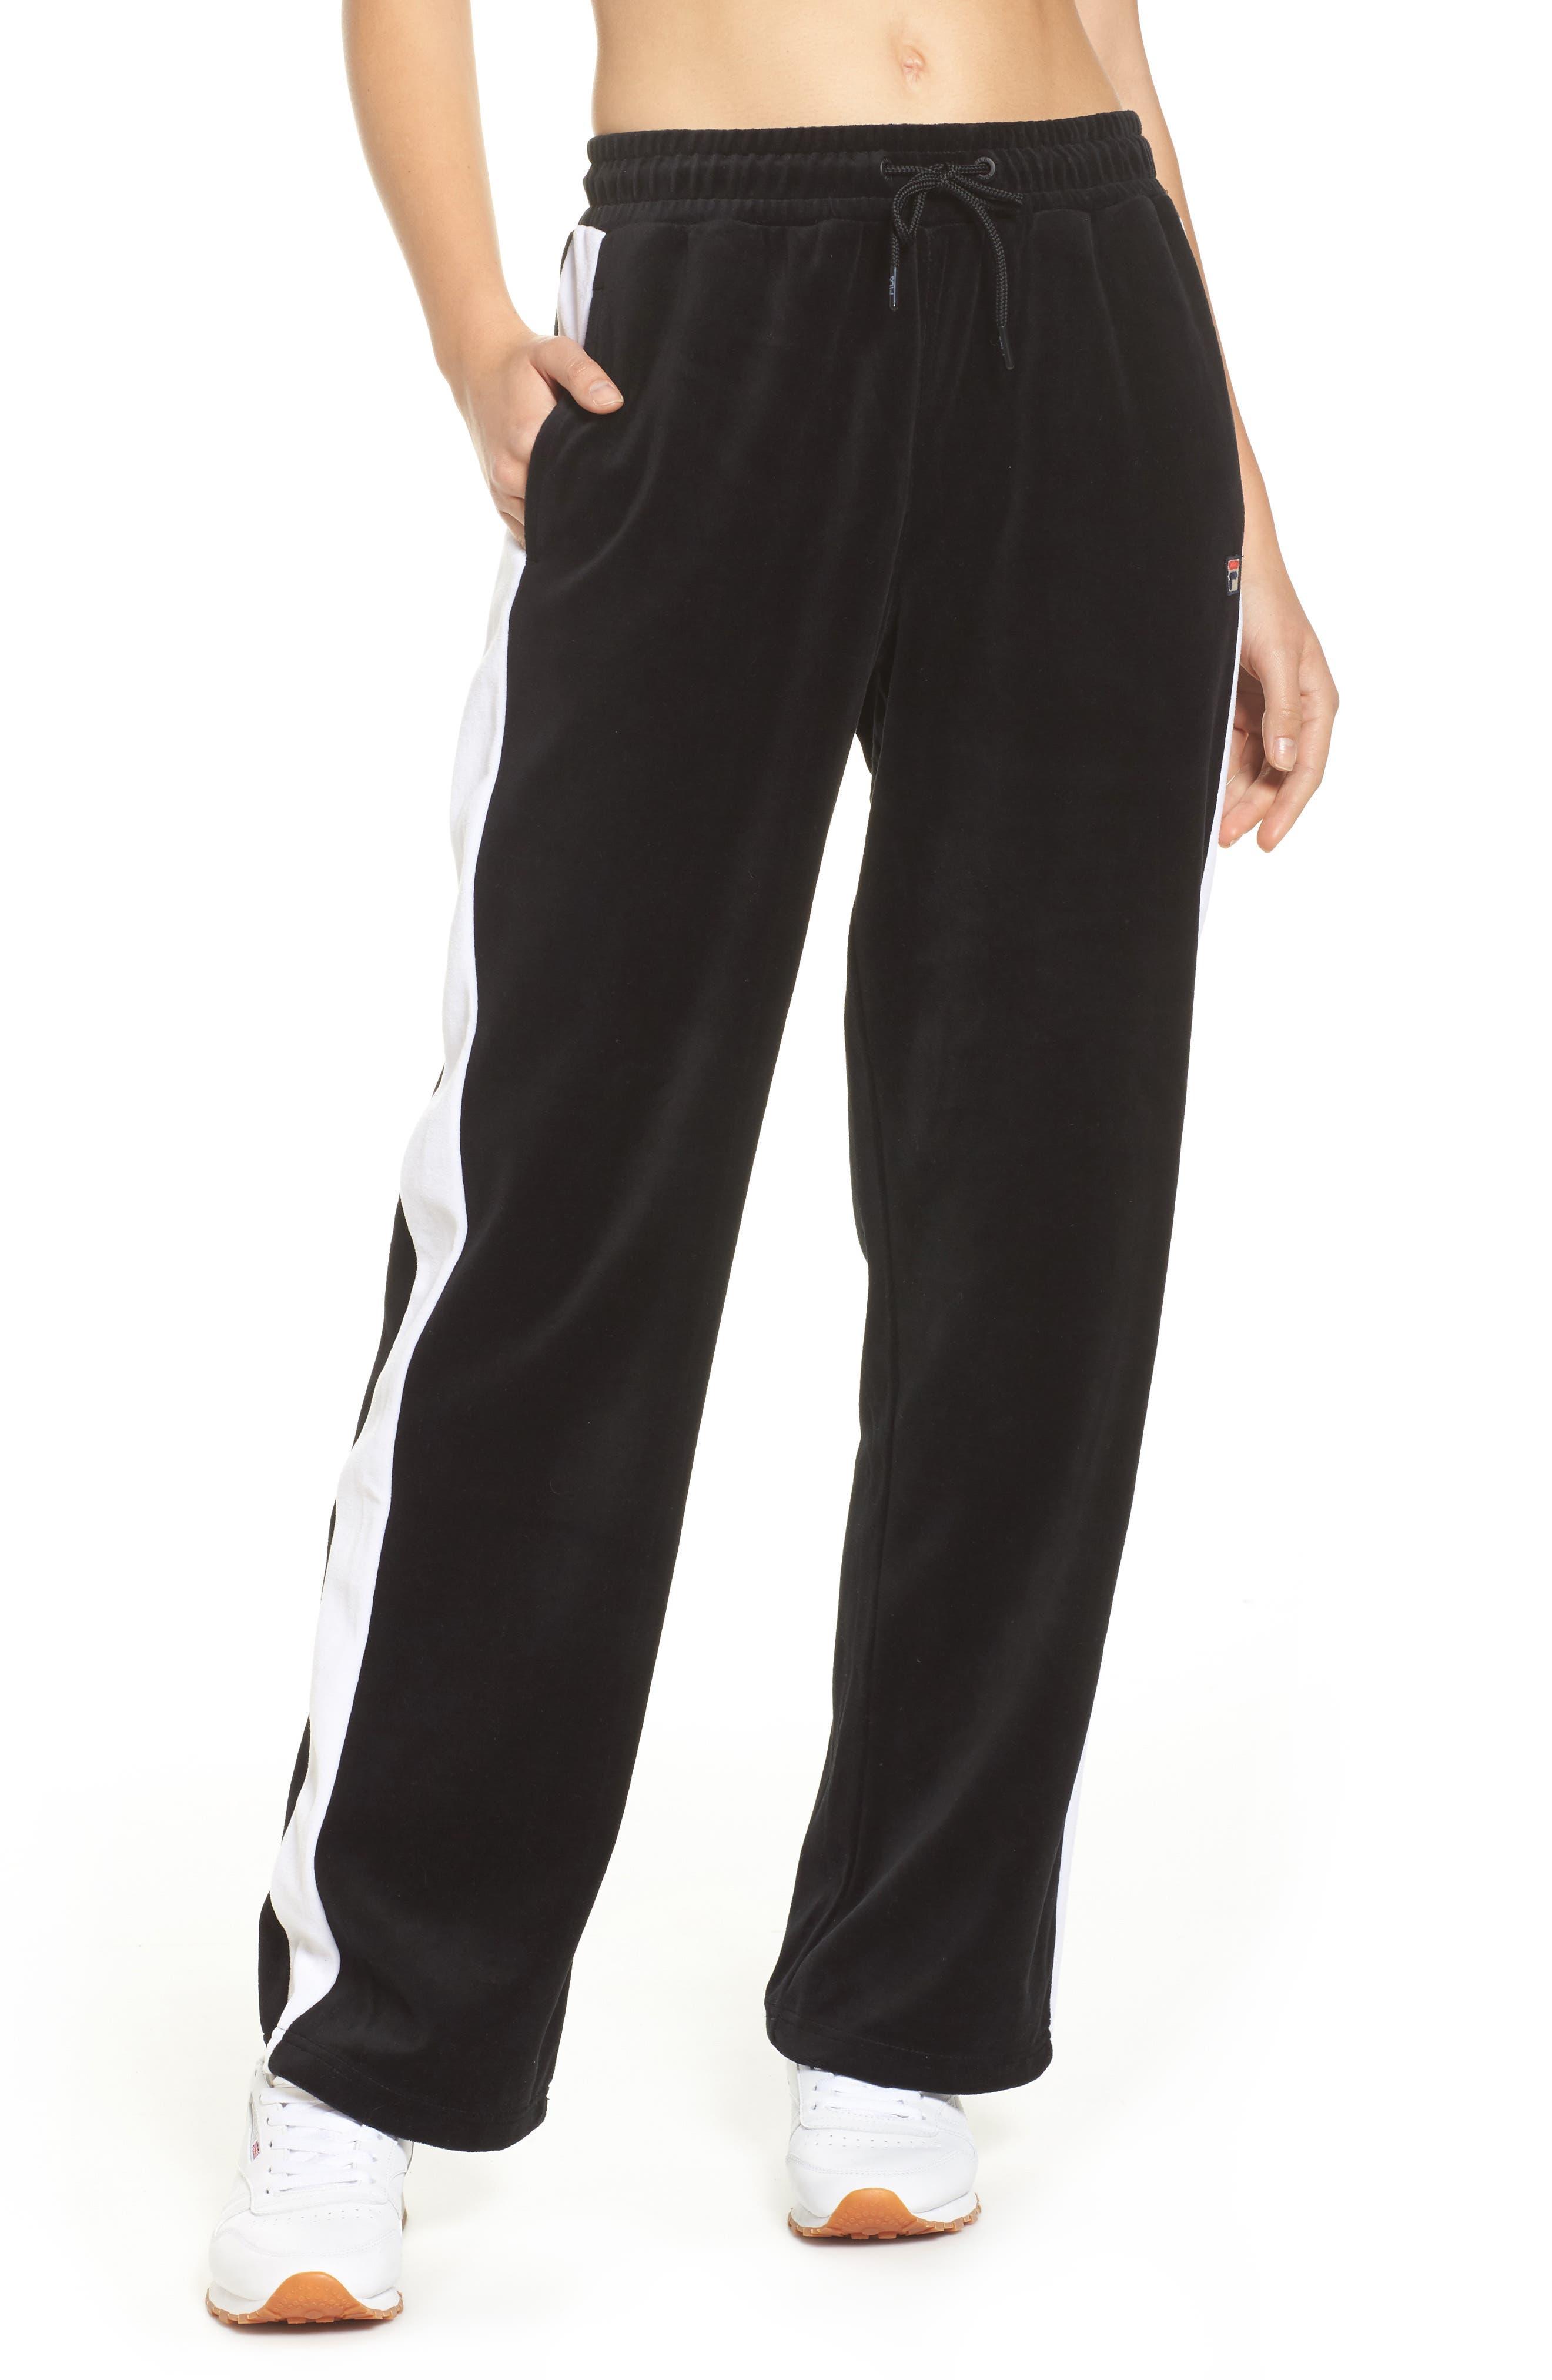 Bonnie Velour Track Pants,                         Main,                         color, Black/ White